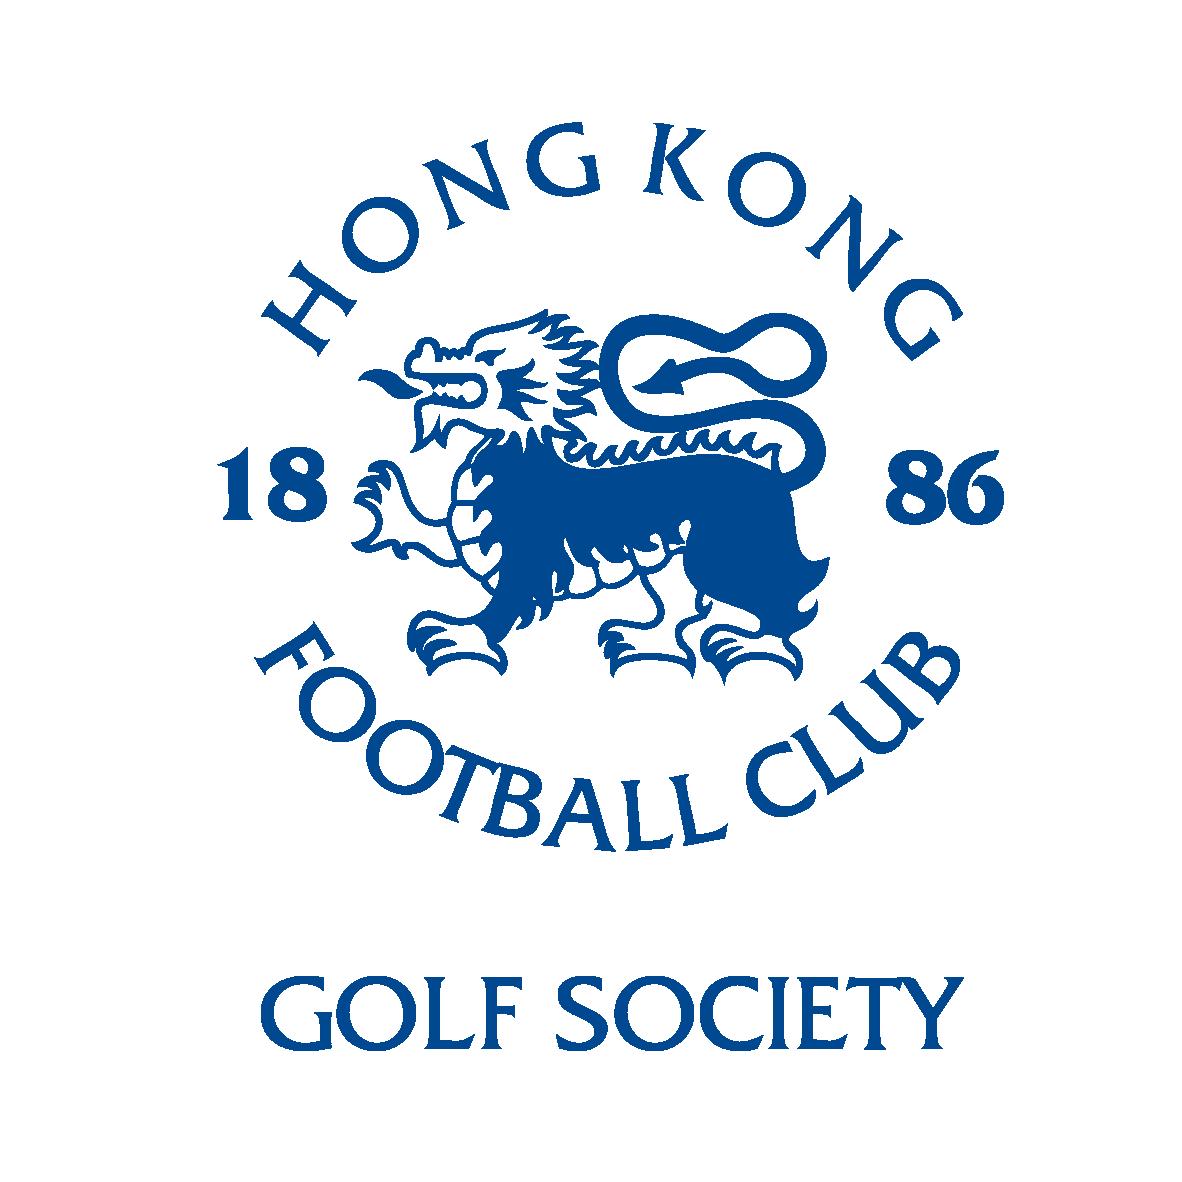 HKFC GS